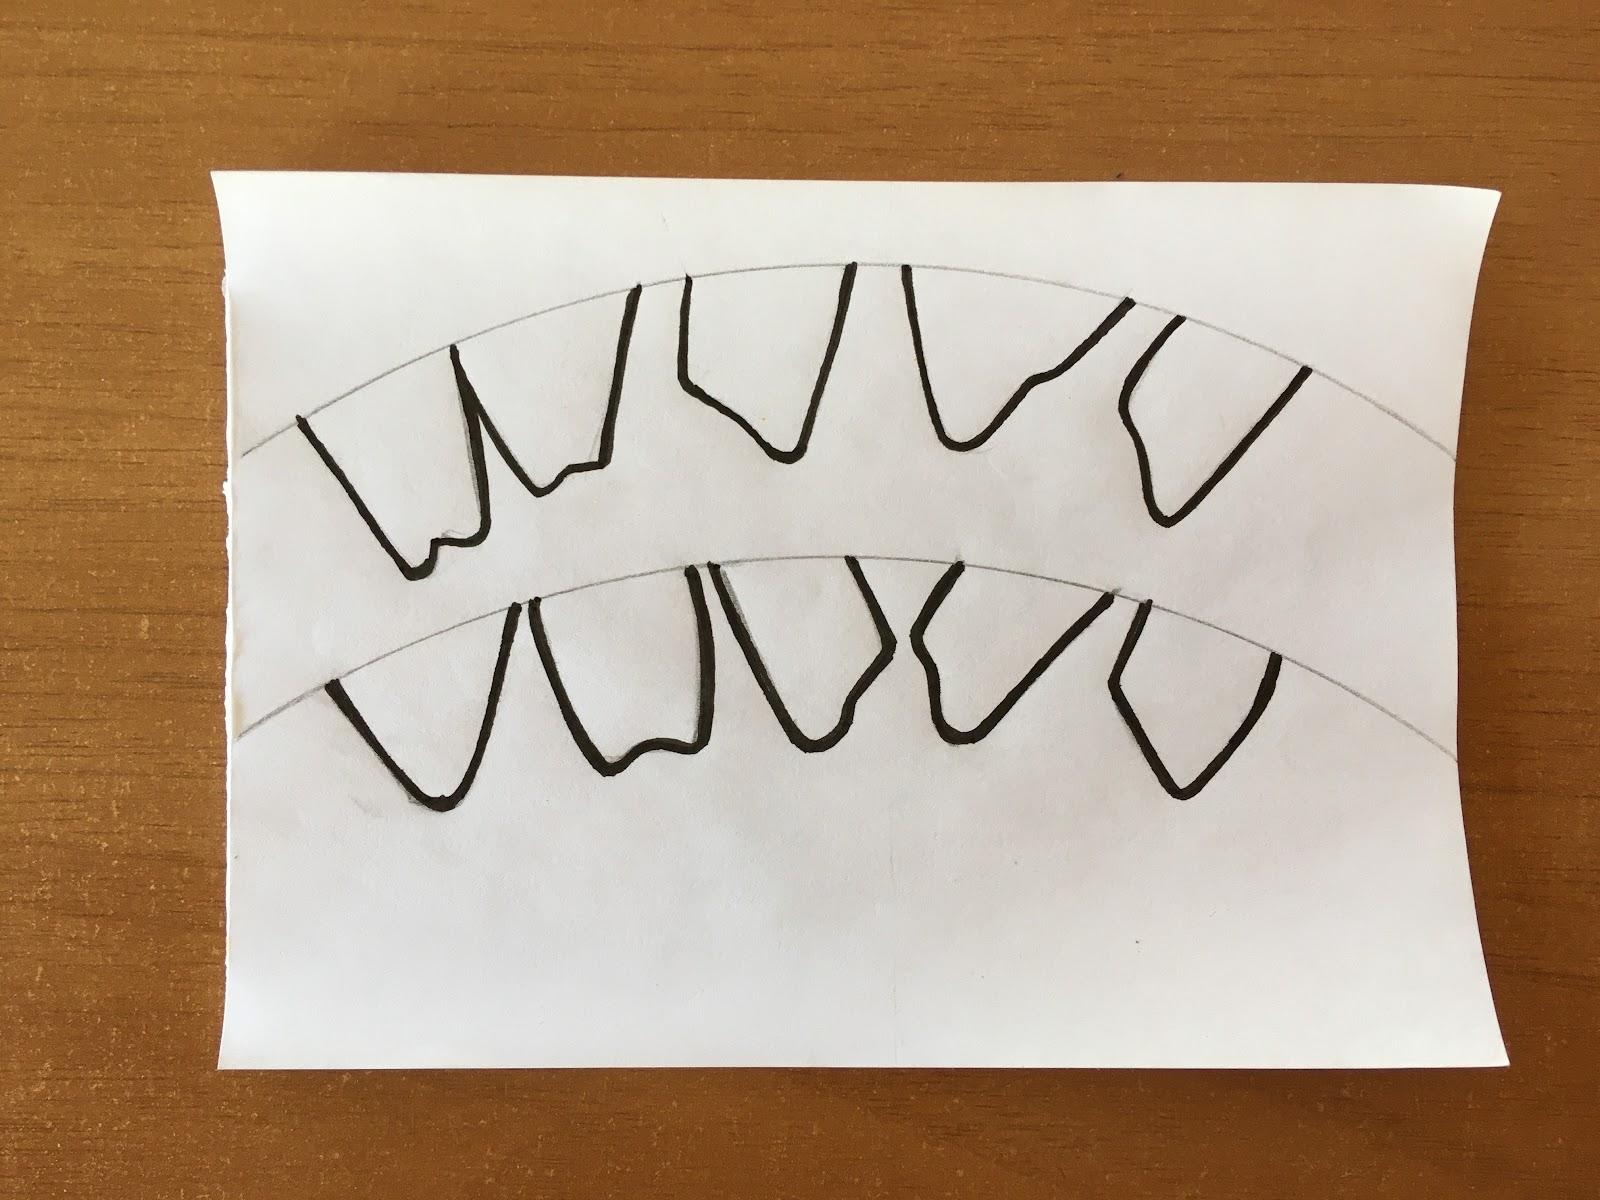 Dibujo de los dientes dispuestos en el mismo arco de circunferencia que se utilizó para el cono.